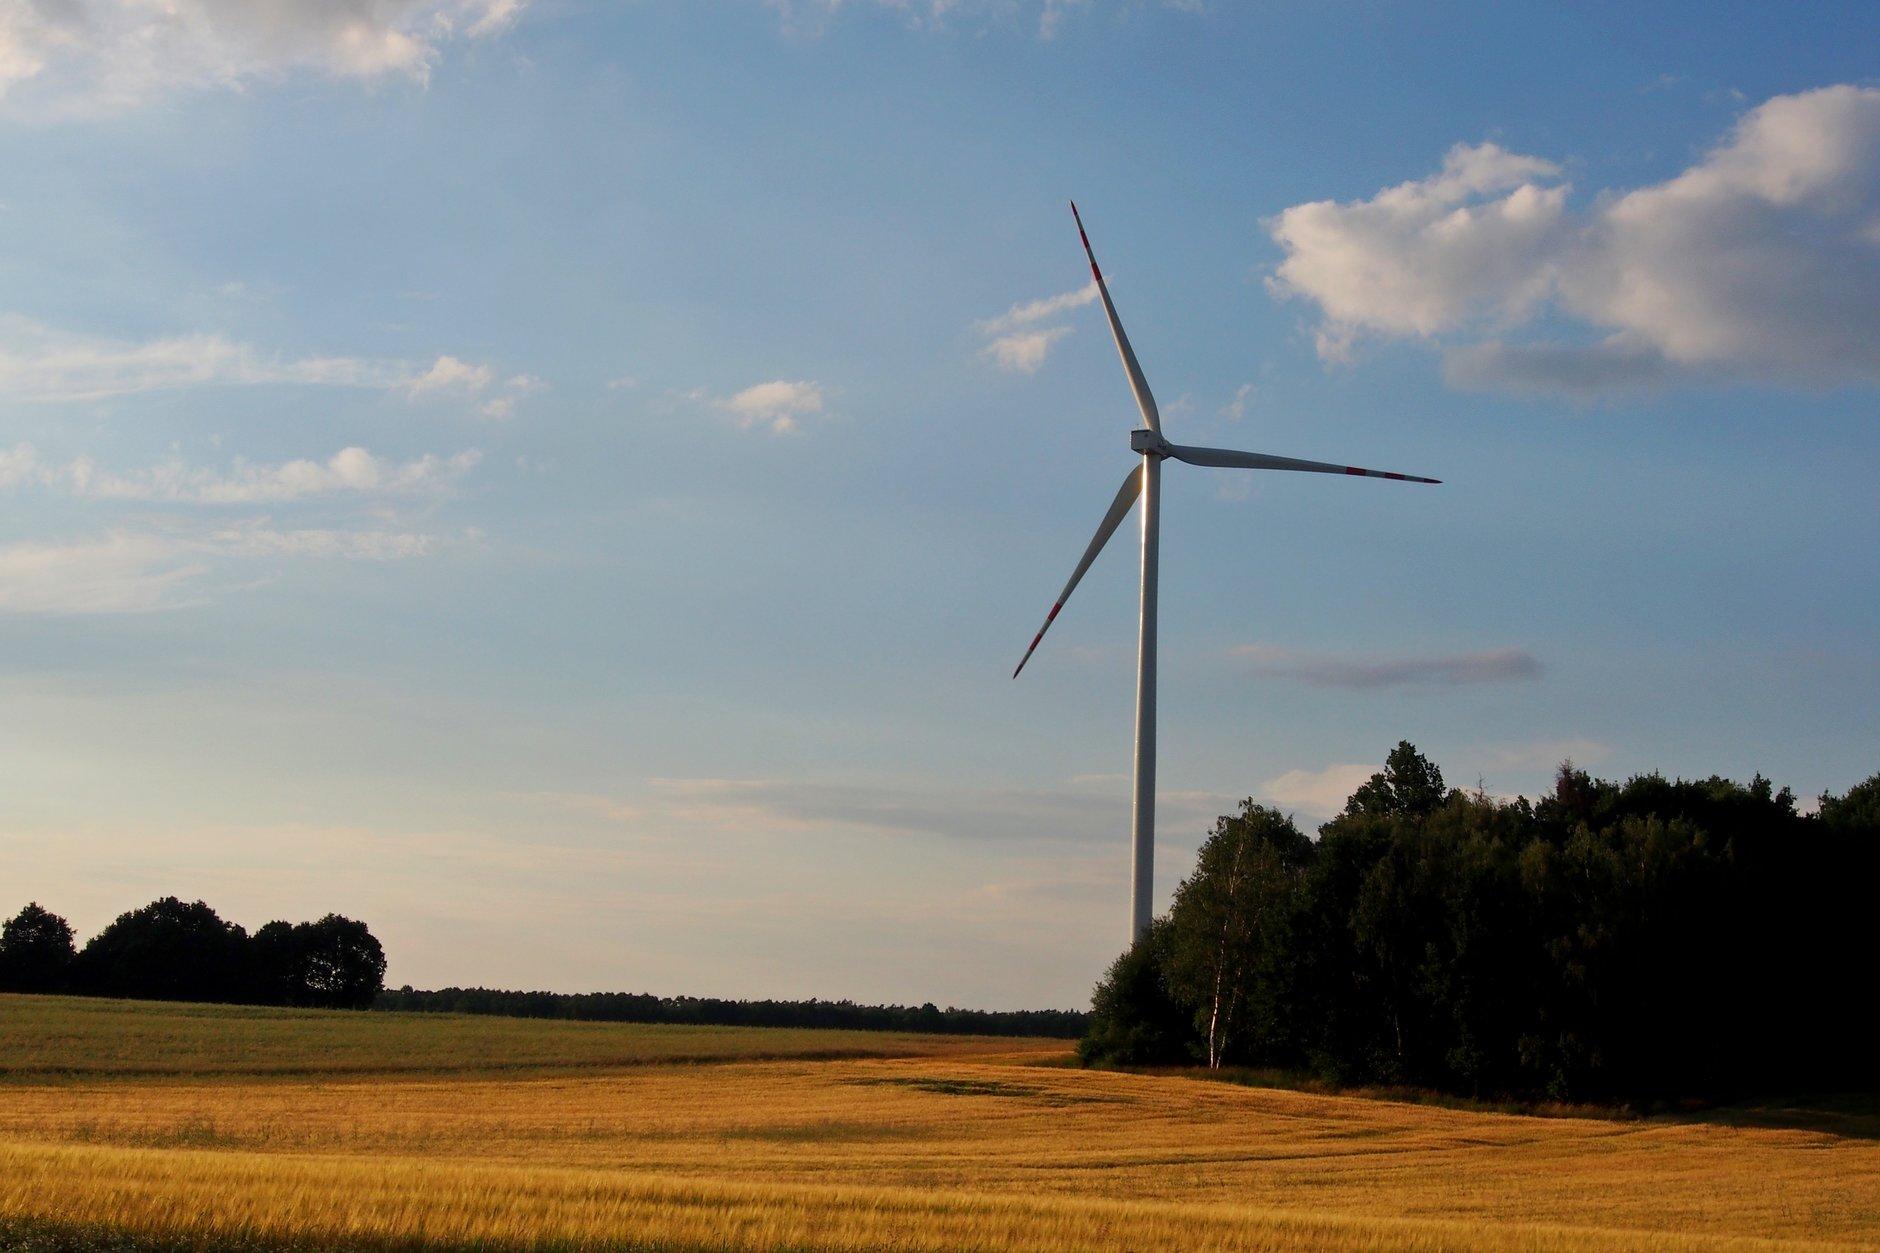 Polityka Ekologiczna Państwa 2030 bez słońca i wiatru